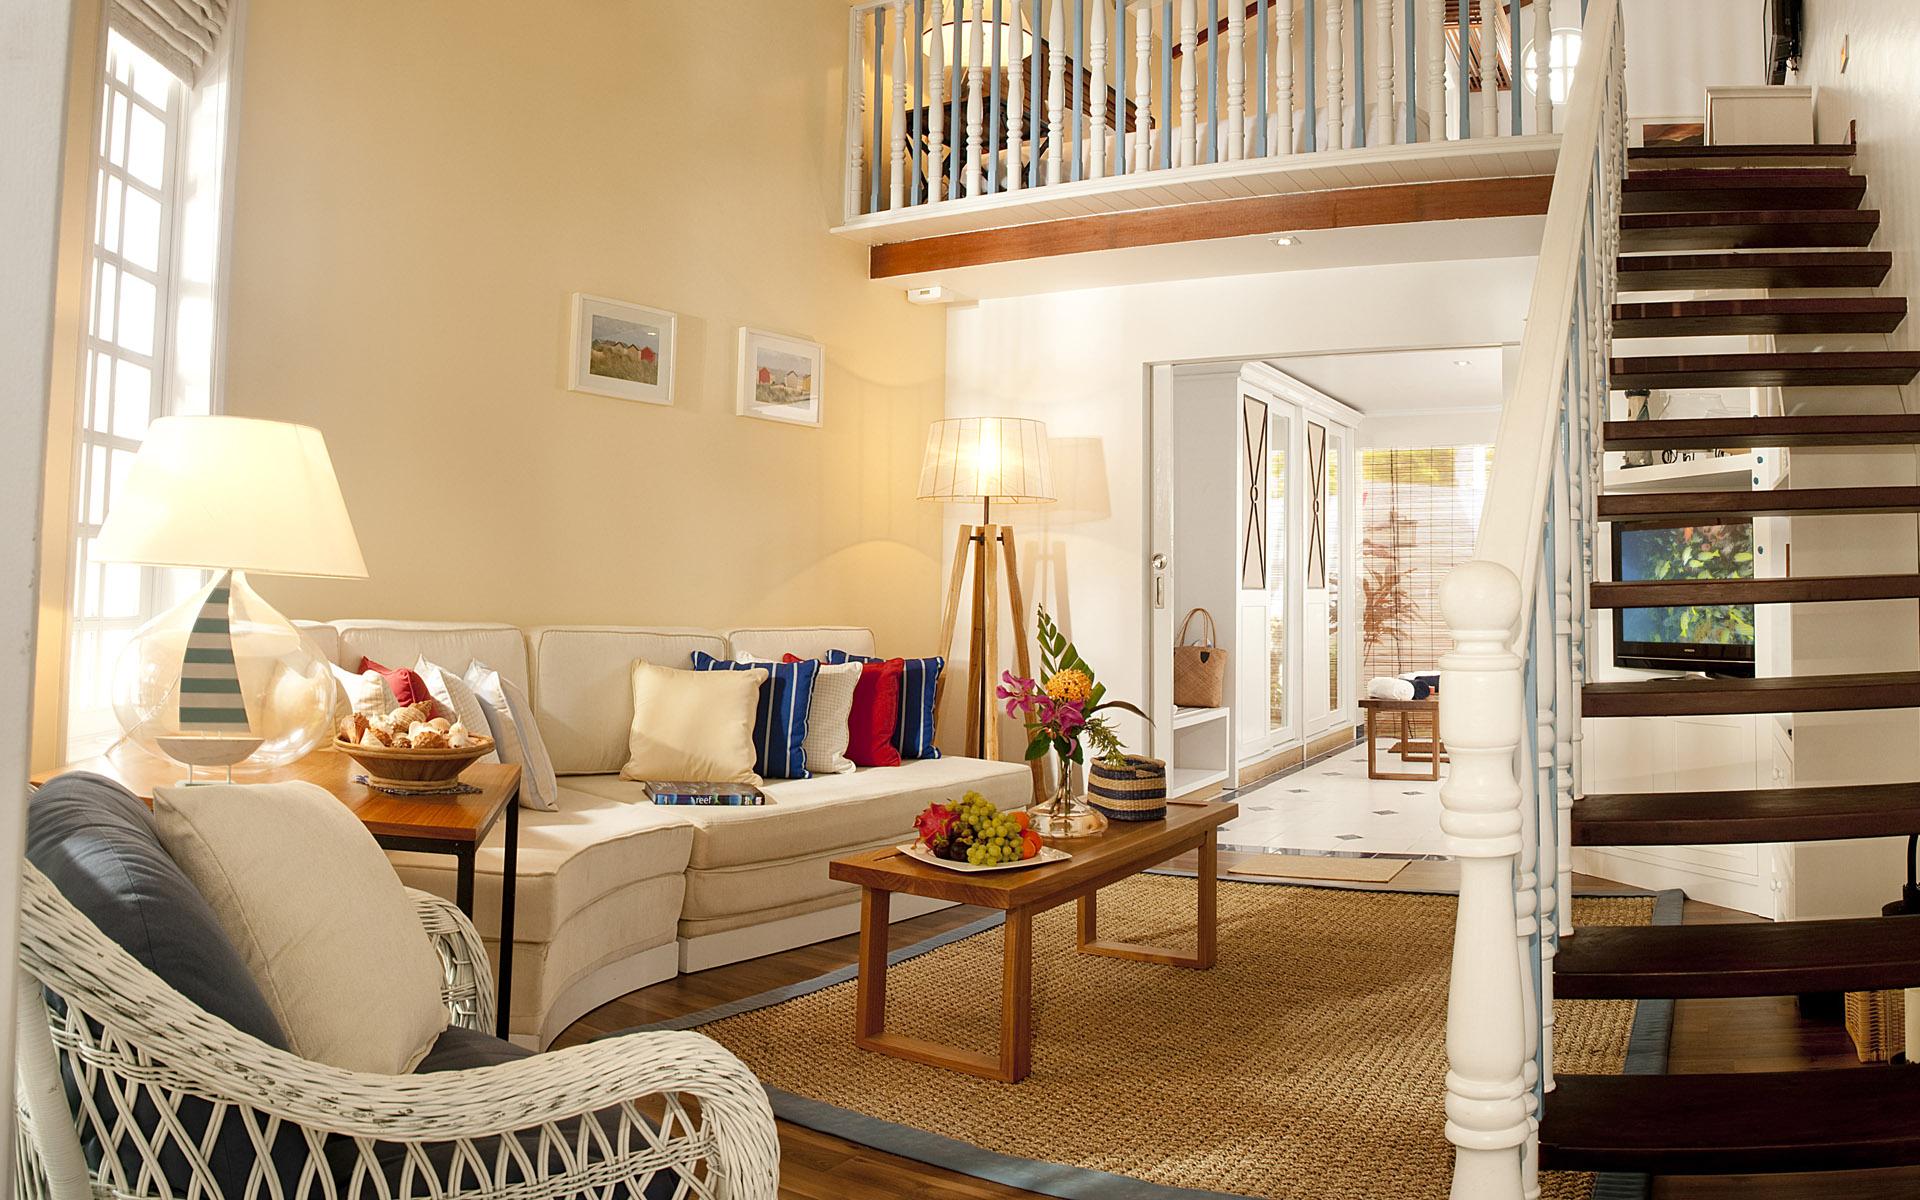 دکوراسیون اتاق نشیمن با طراحی کلاسیک به همراه راه پله چوبی و رنگبندی سفید و جذاب